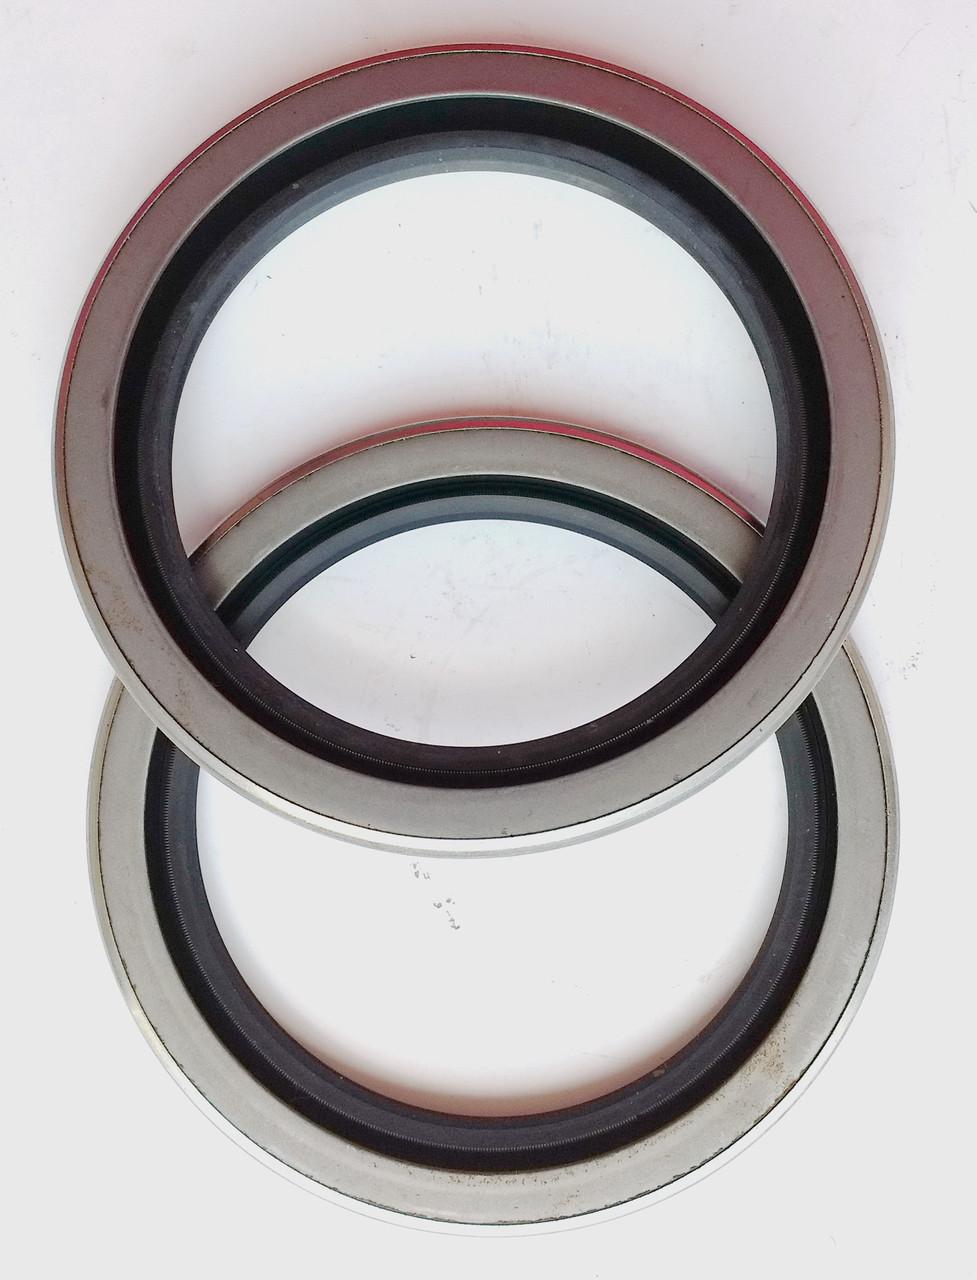 Сальник ступицы заднего колеса комплект 2 шт. /внутренний - наружный/ Createk